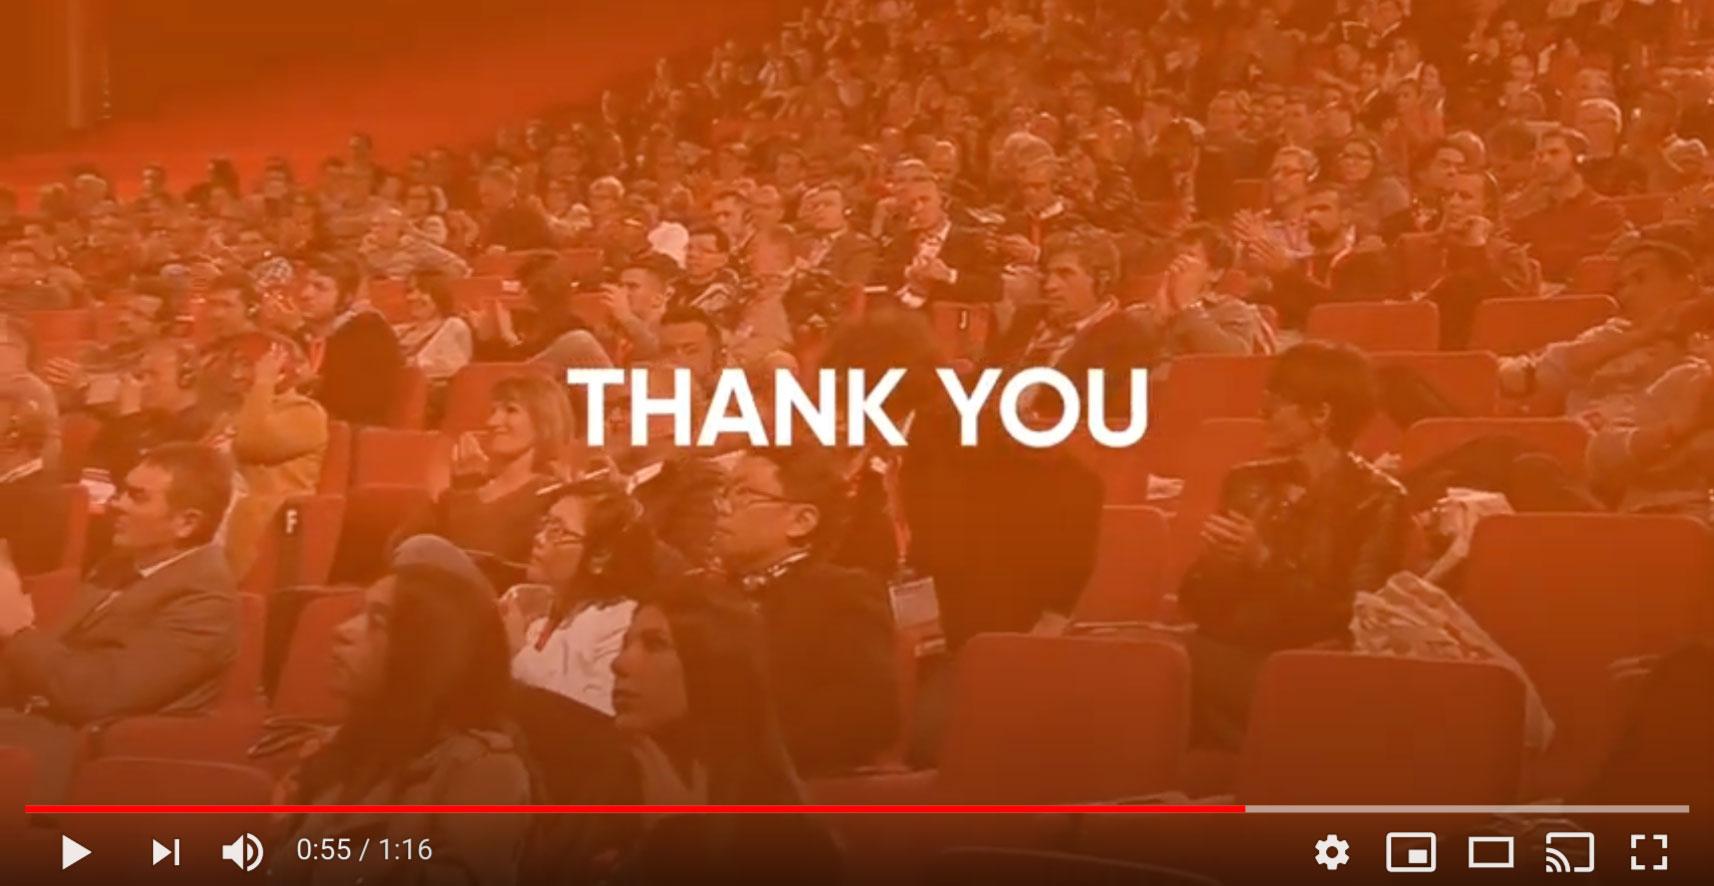 Les Printanières 2019 - Merci pour votre participation